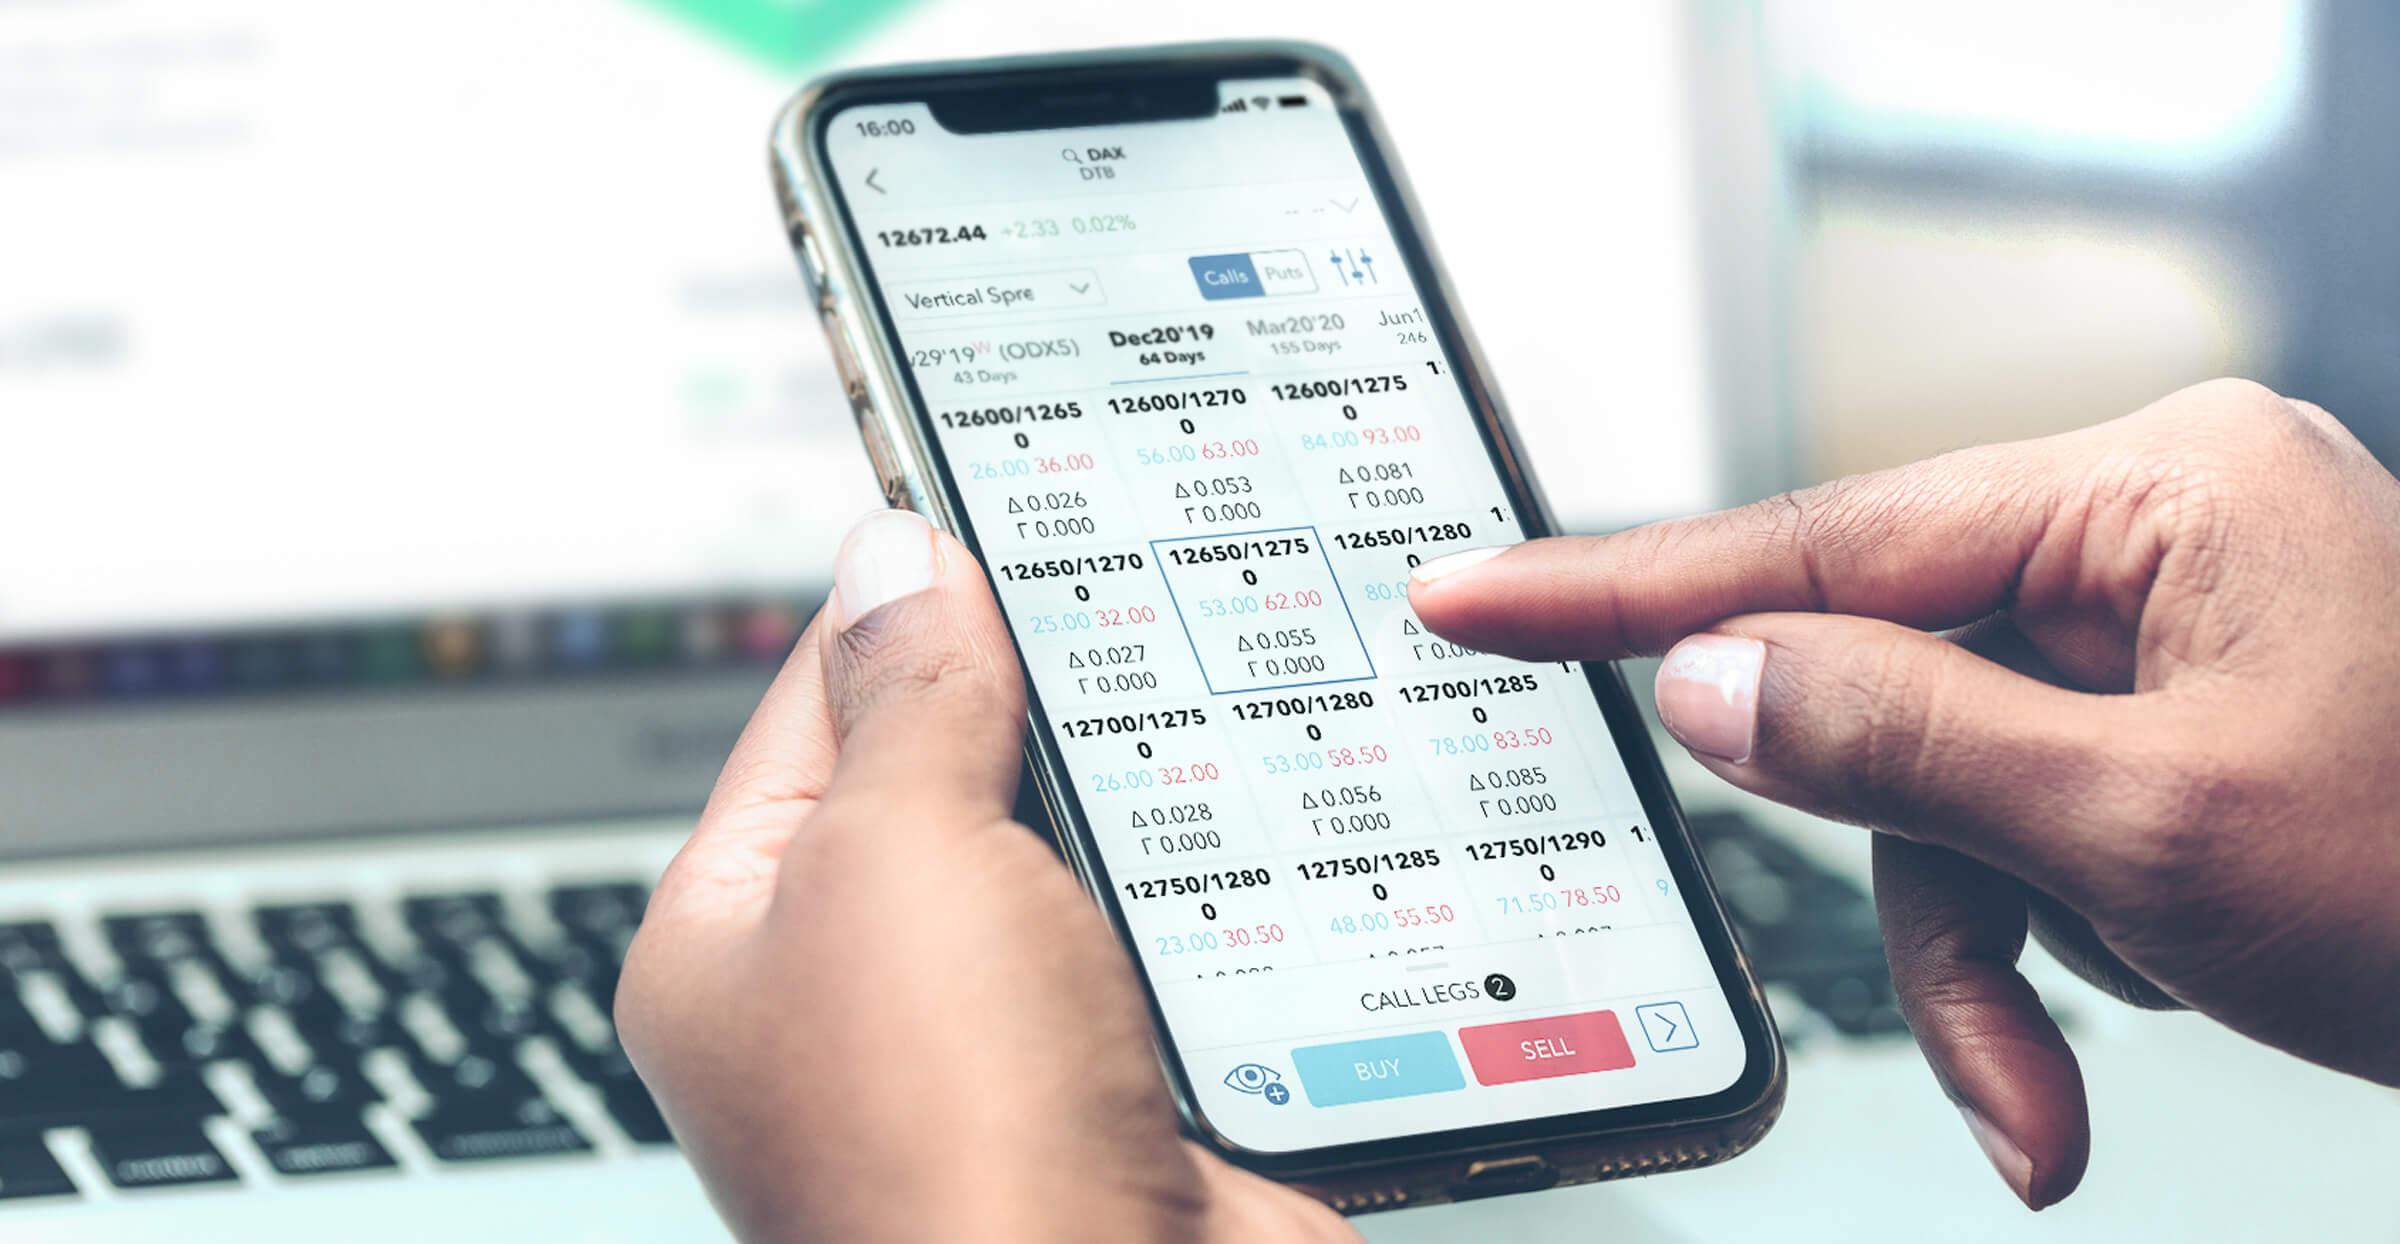 Telefon komórkowy z otwartą aplikacją do handlu